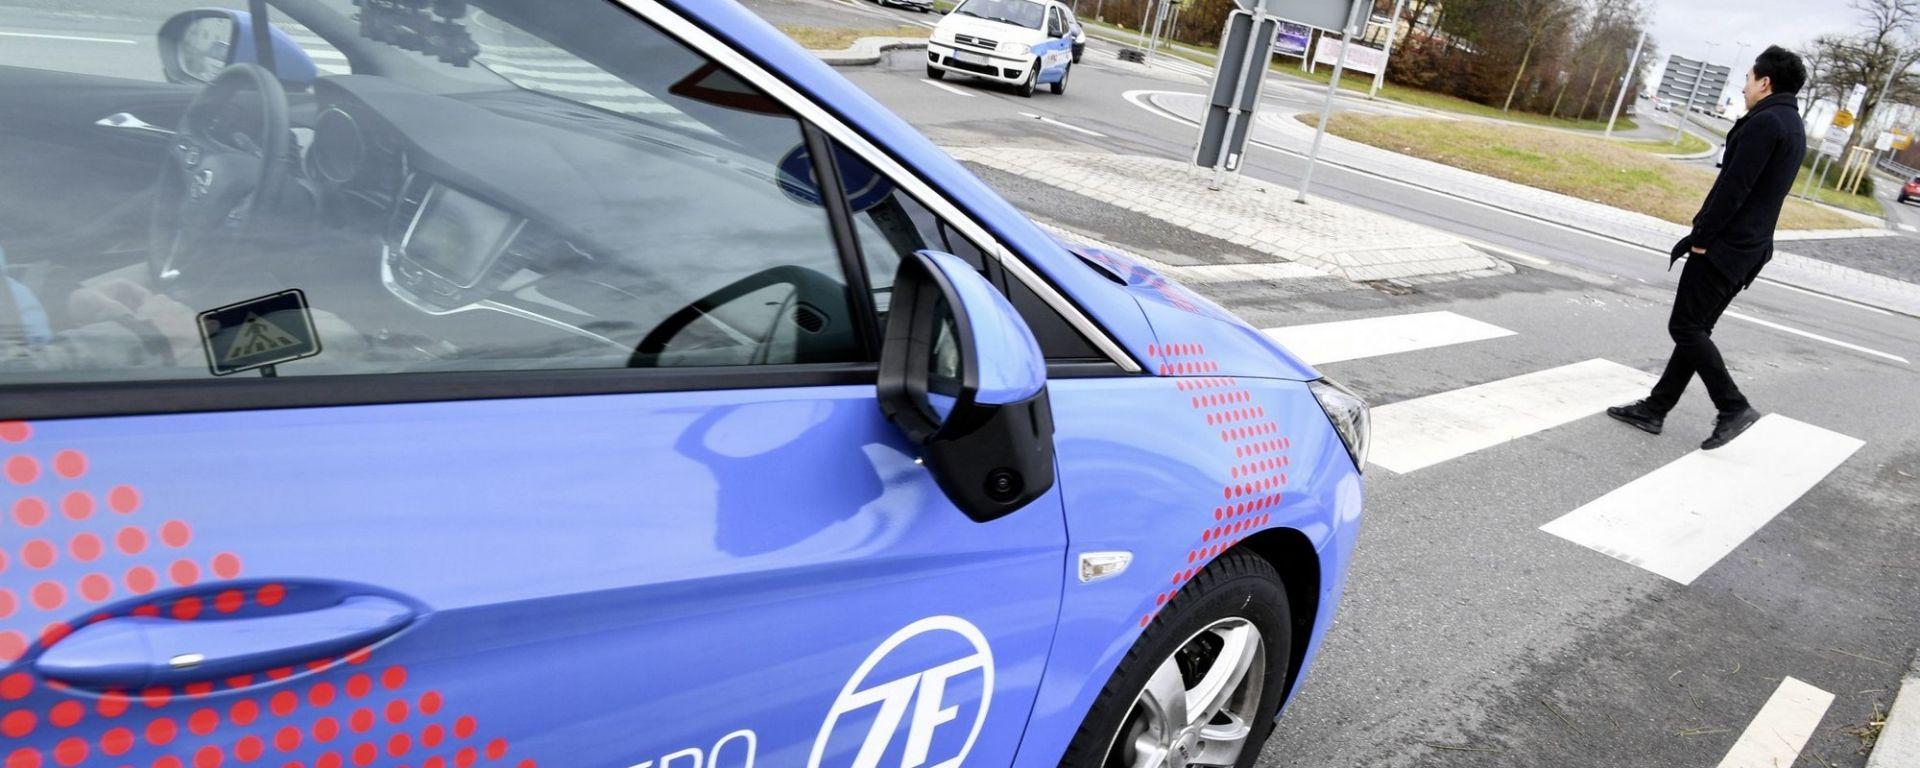 ZF al CES 2018: guida autonoma, pedaggio digitale e il volante del futuro